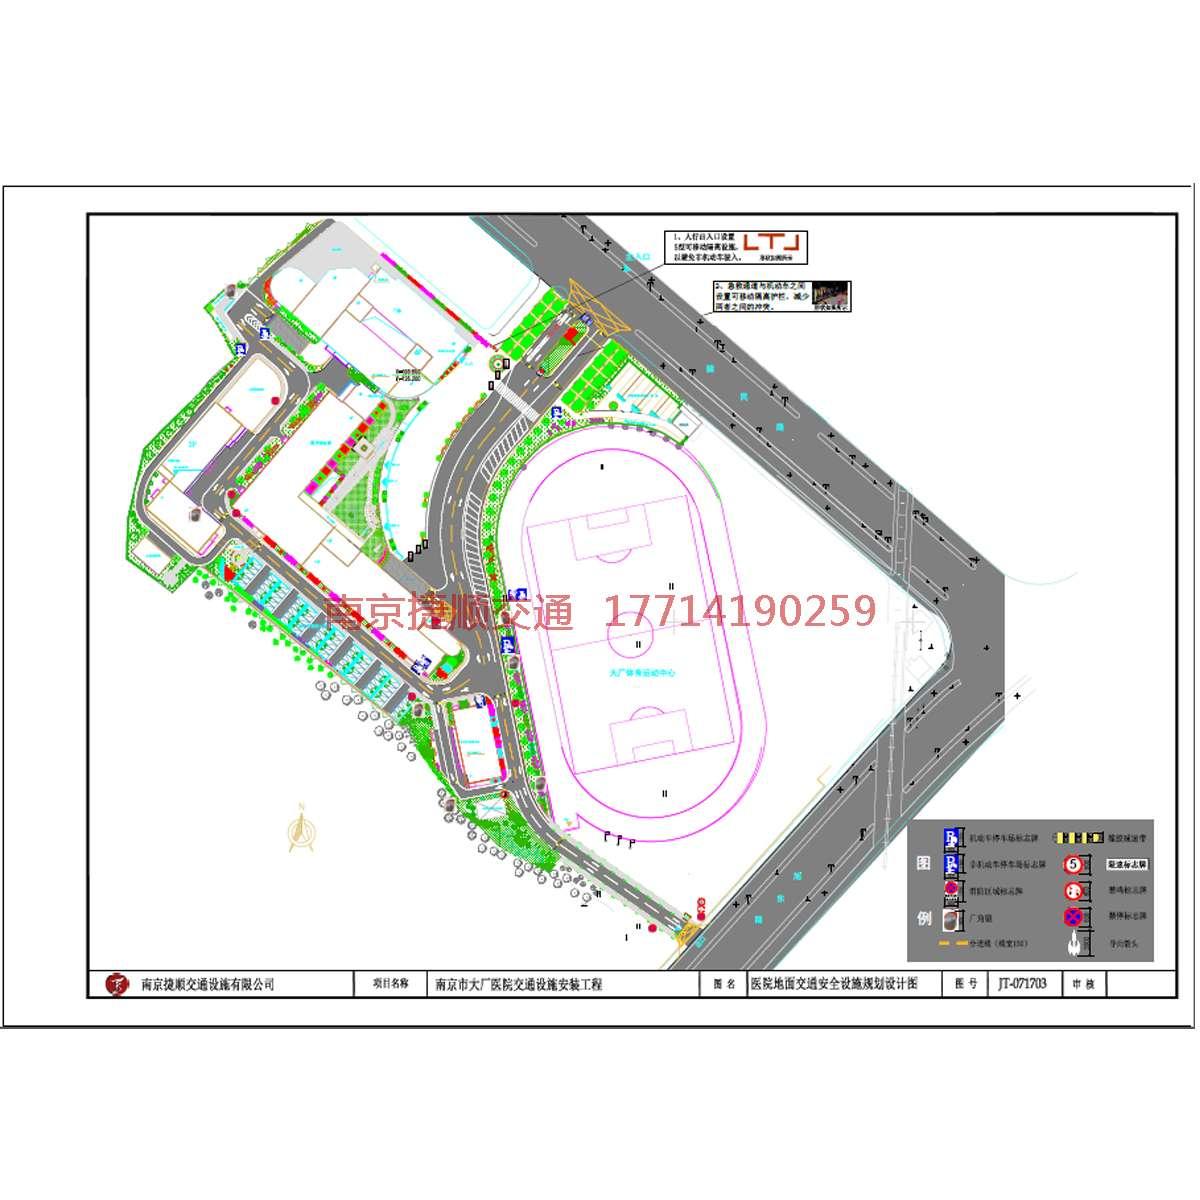 南京市大廠醫院交通安全設施規劃設計